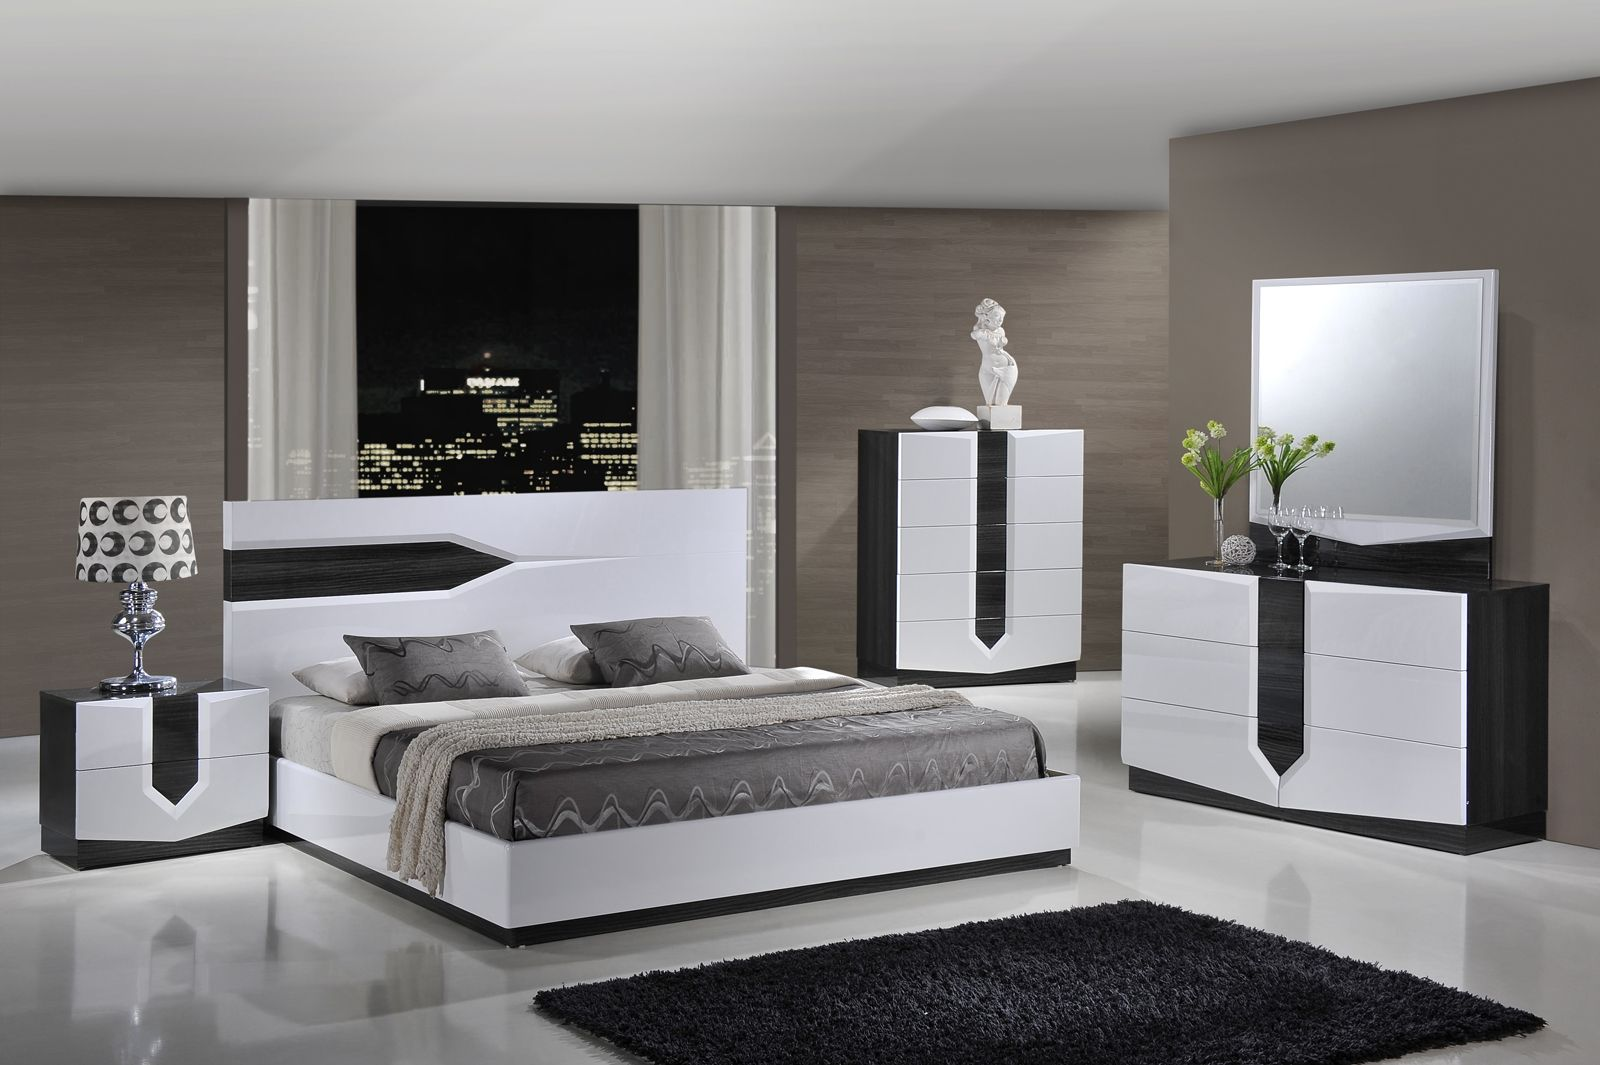 Hudson bedroom furniture collection bedroom furniture pinterest